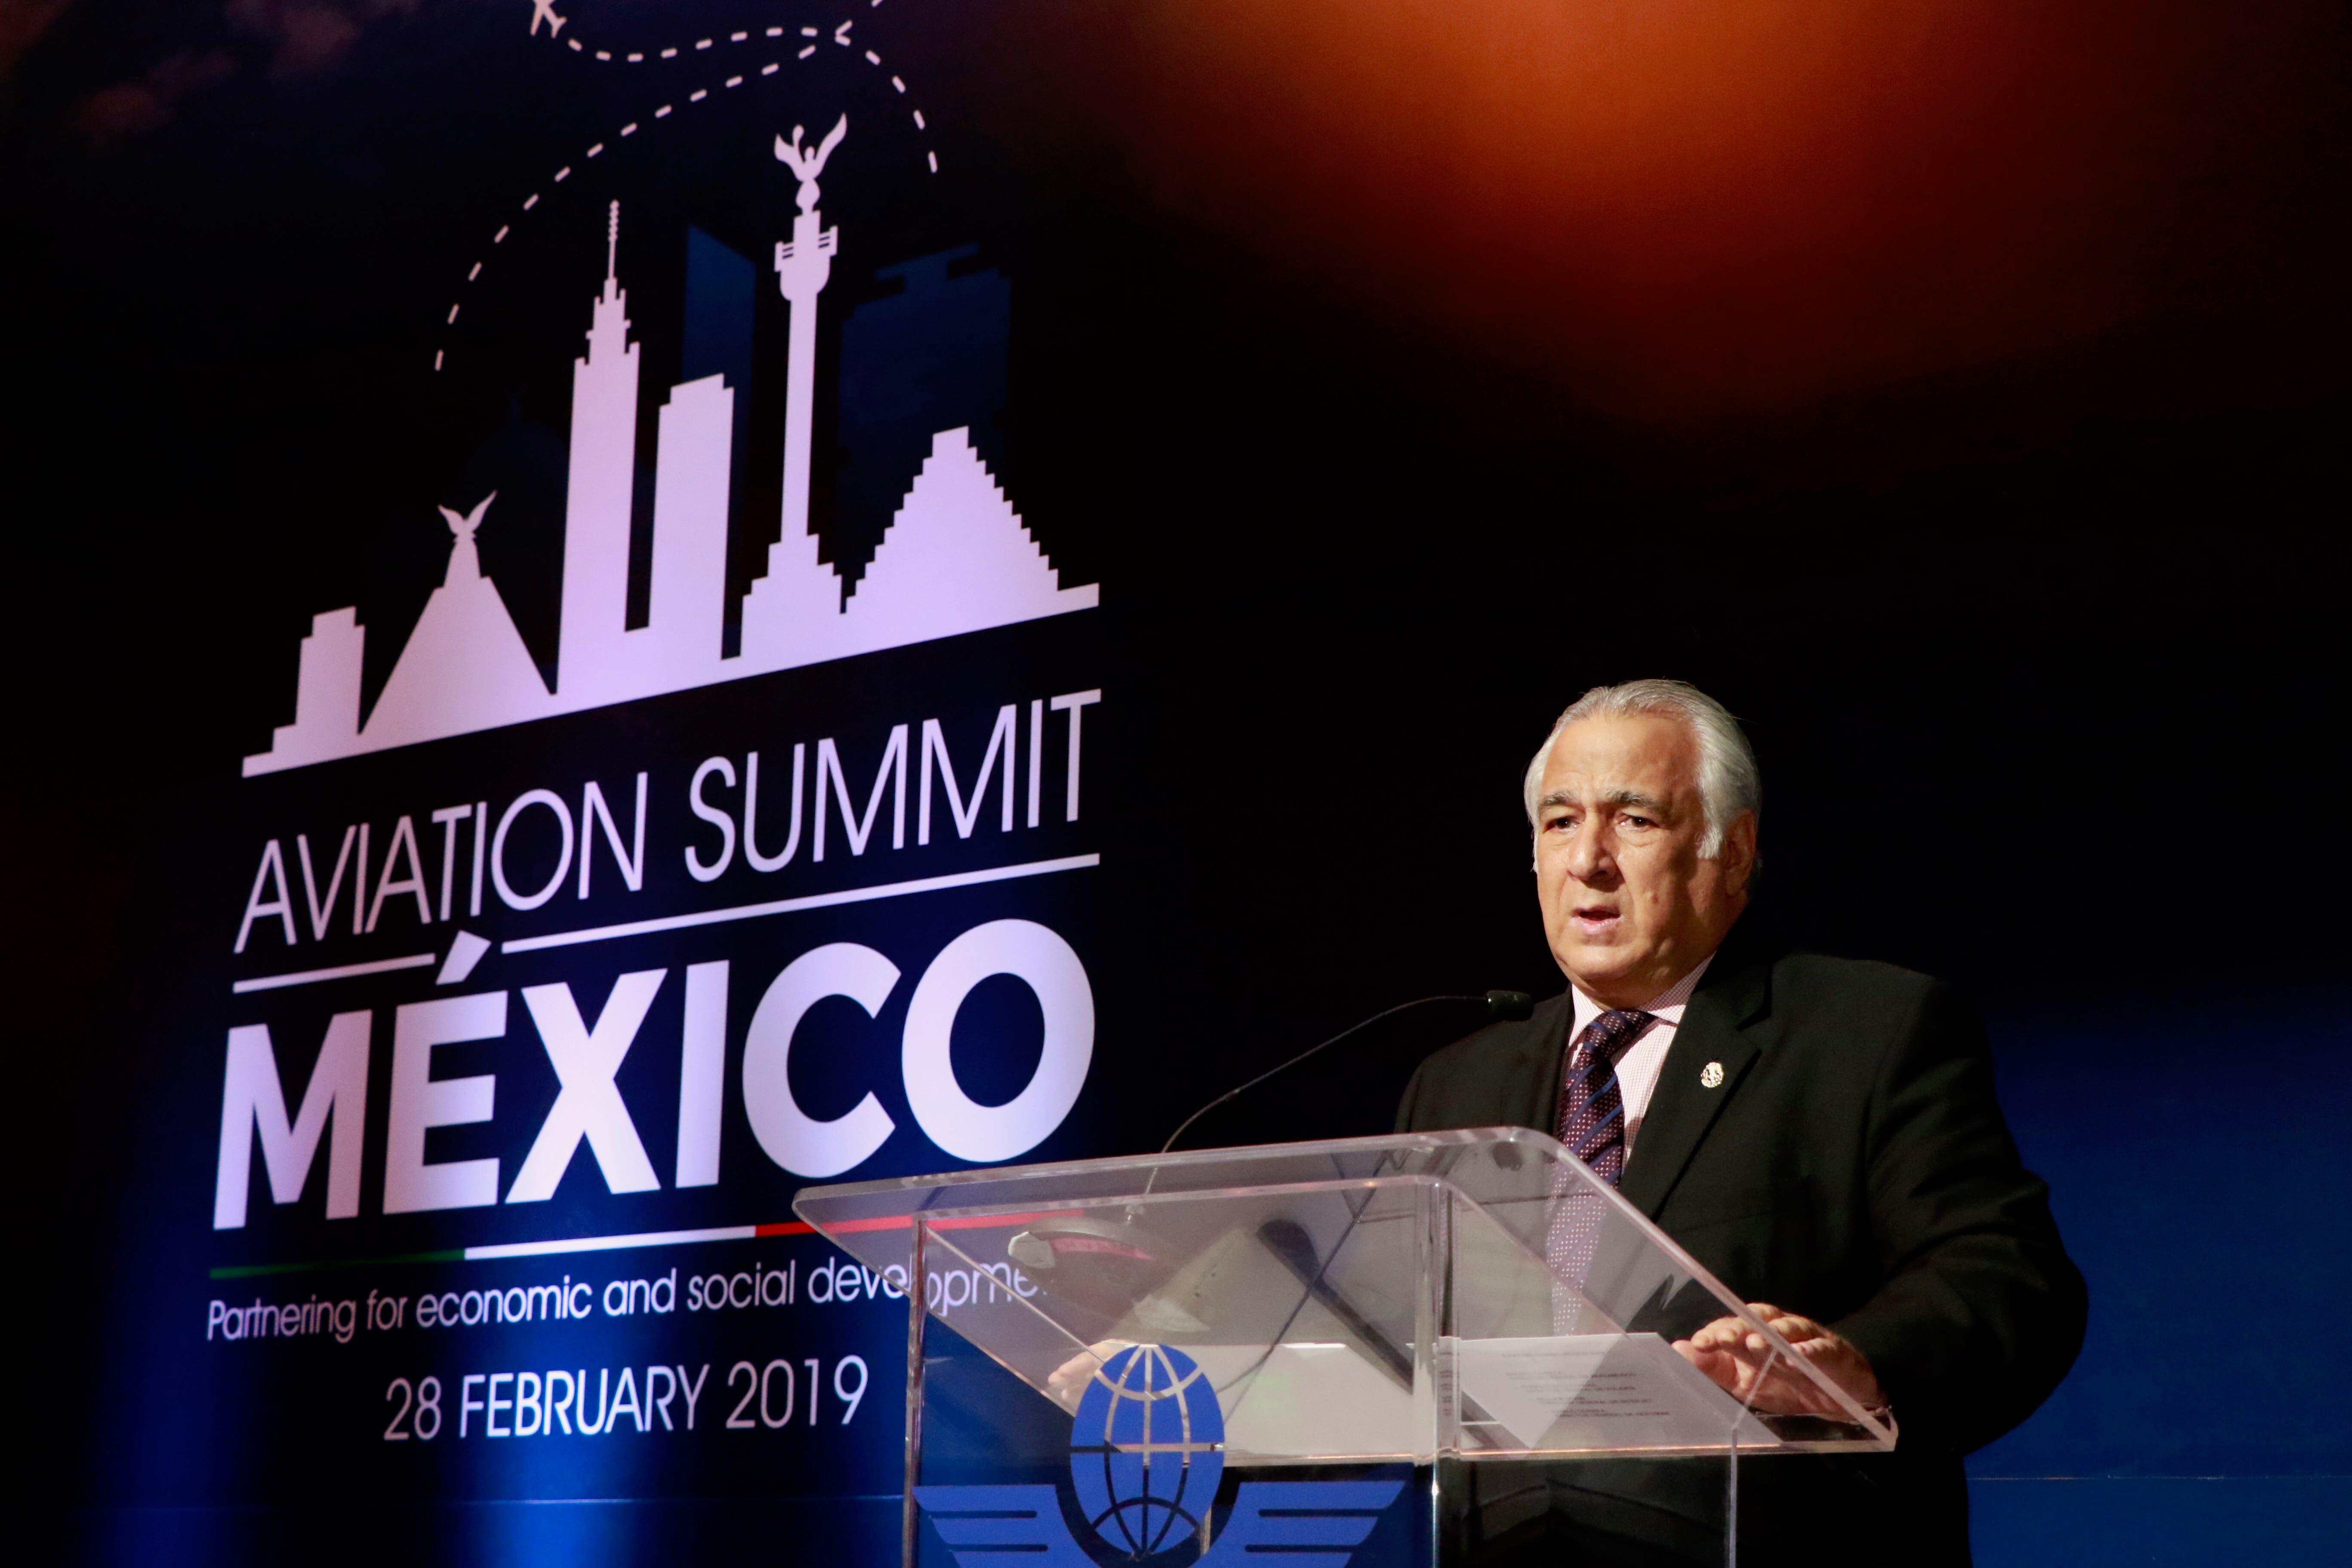 Sectur anuncia vuelo directo de Estambul a la ciudad de Cancún